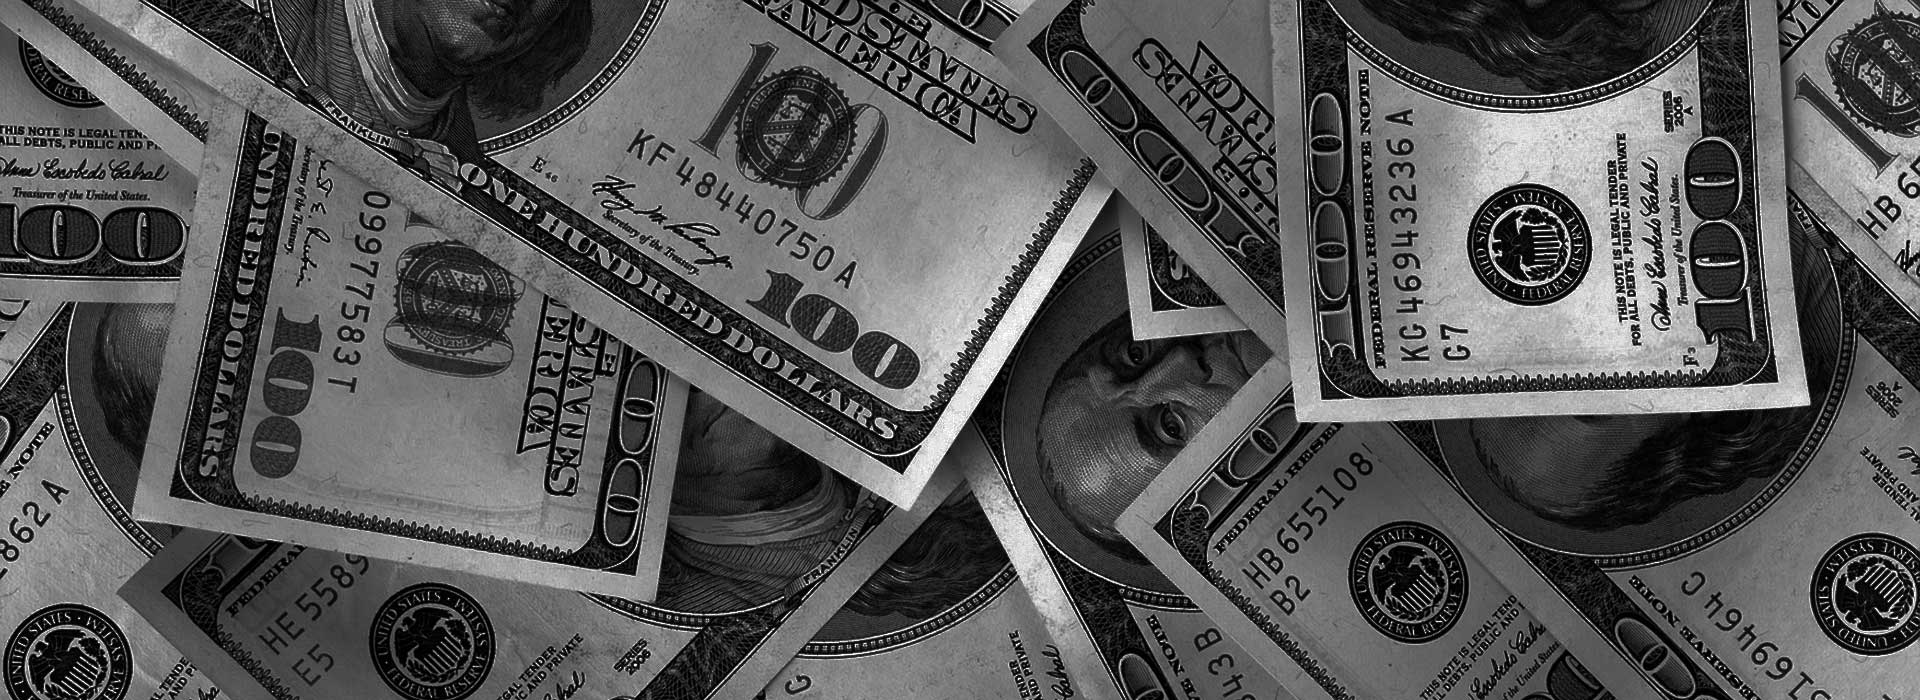 CASH FOR JUNK CARS MANHATTAN - JUNK YOUR CAR CASH PAID (888) 519-5131